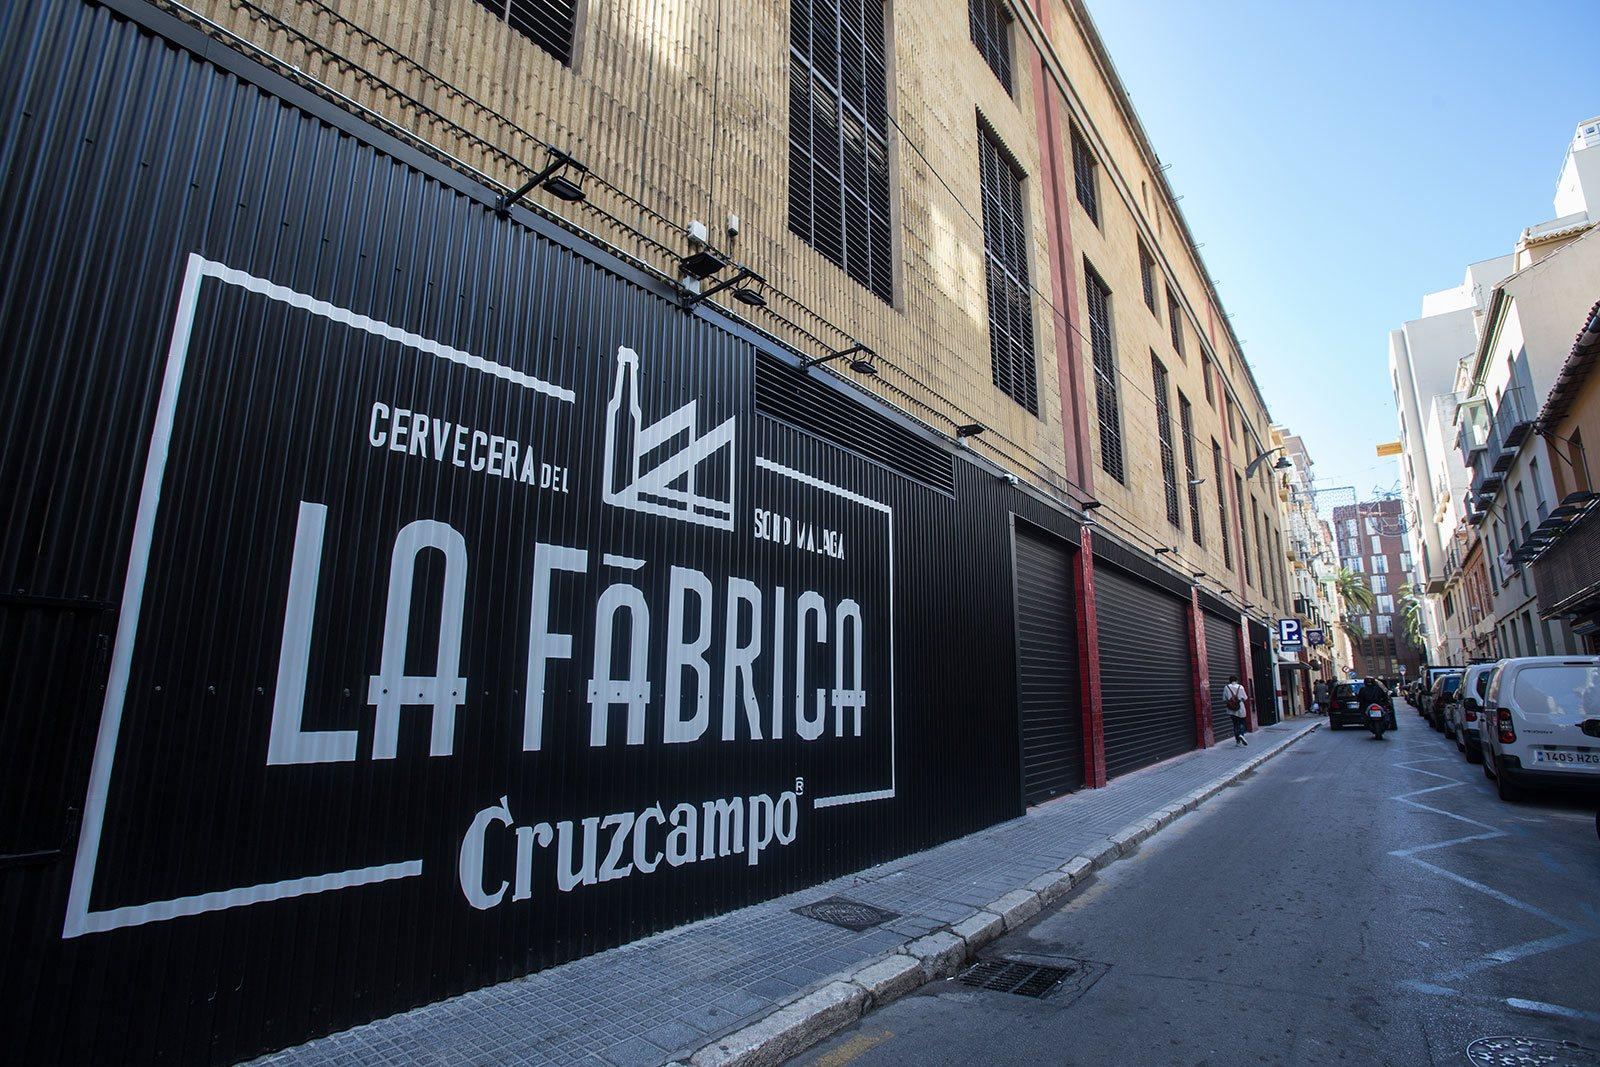 Arte urbano y callejero en La Fábrica